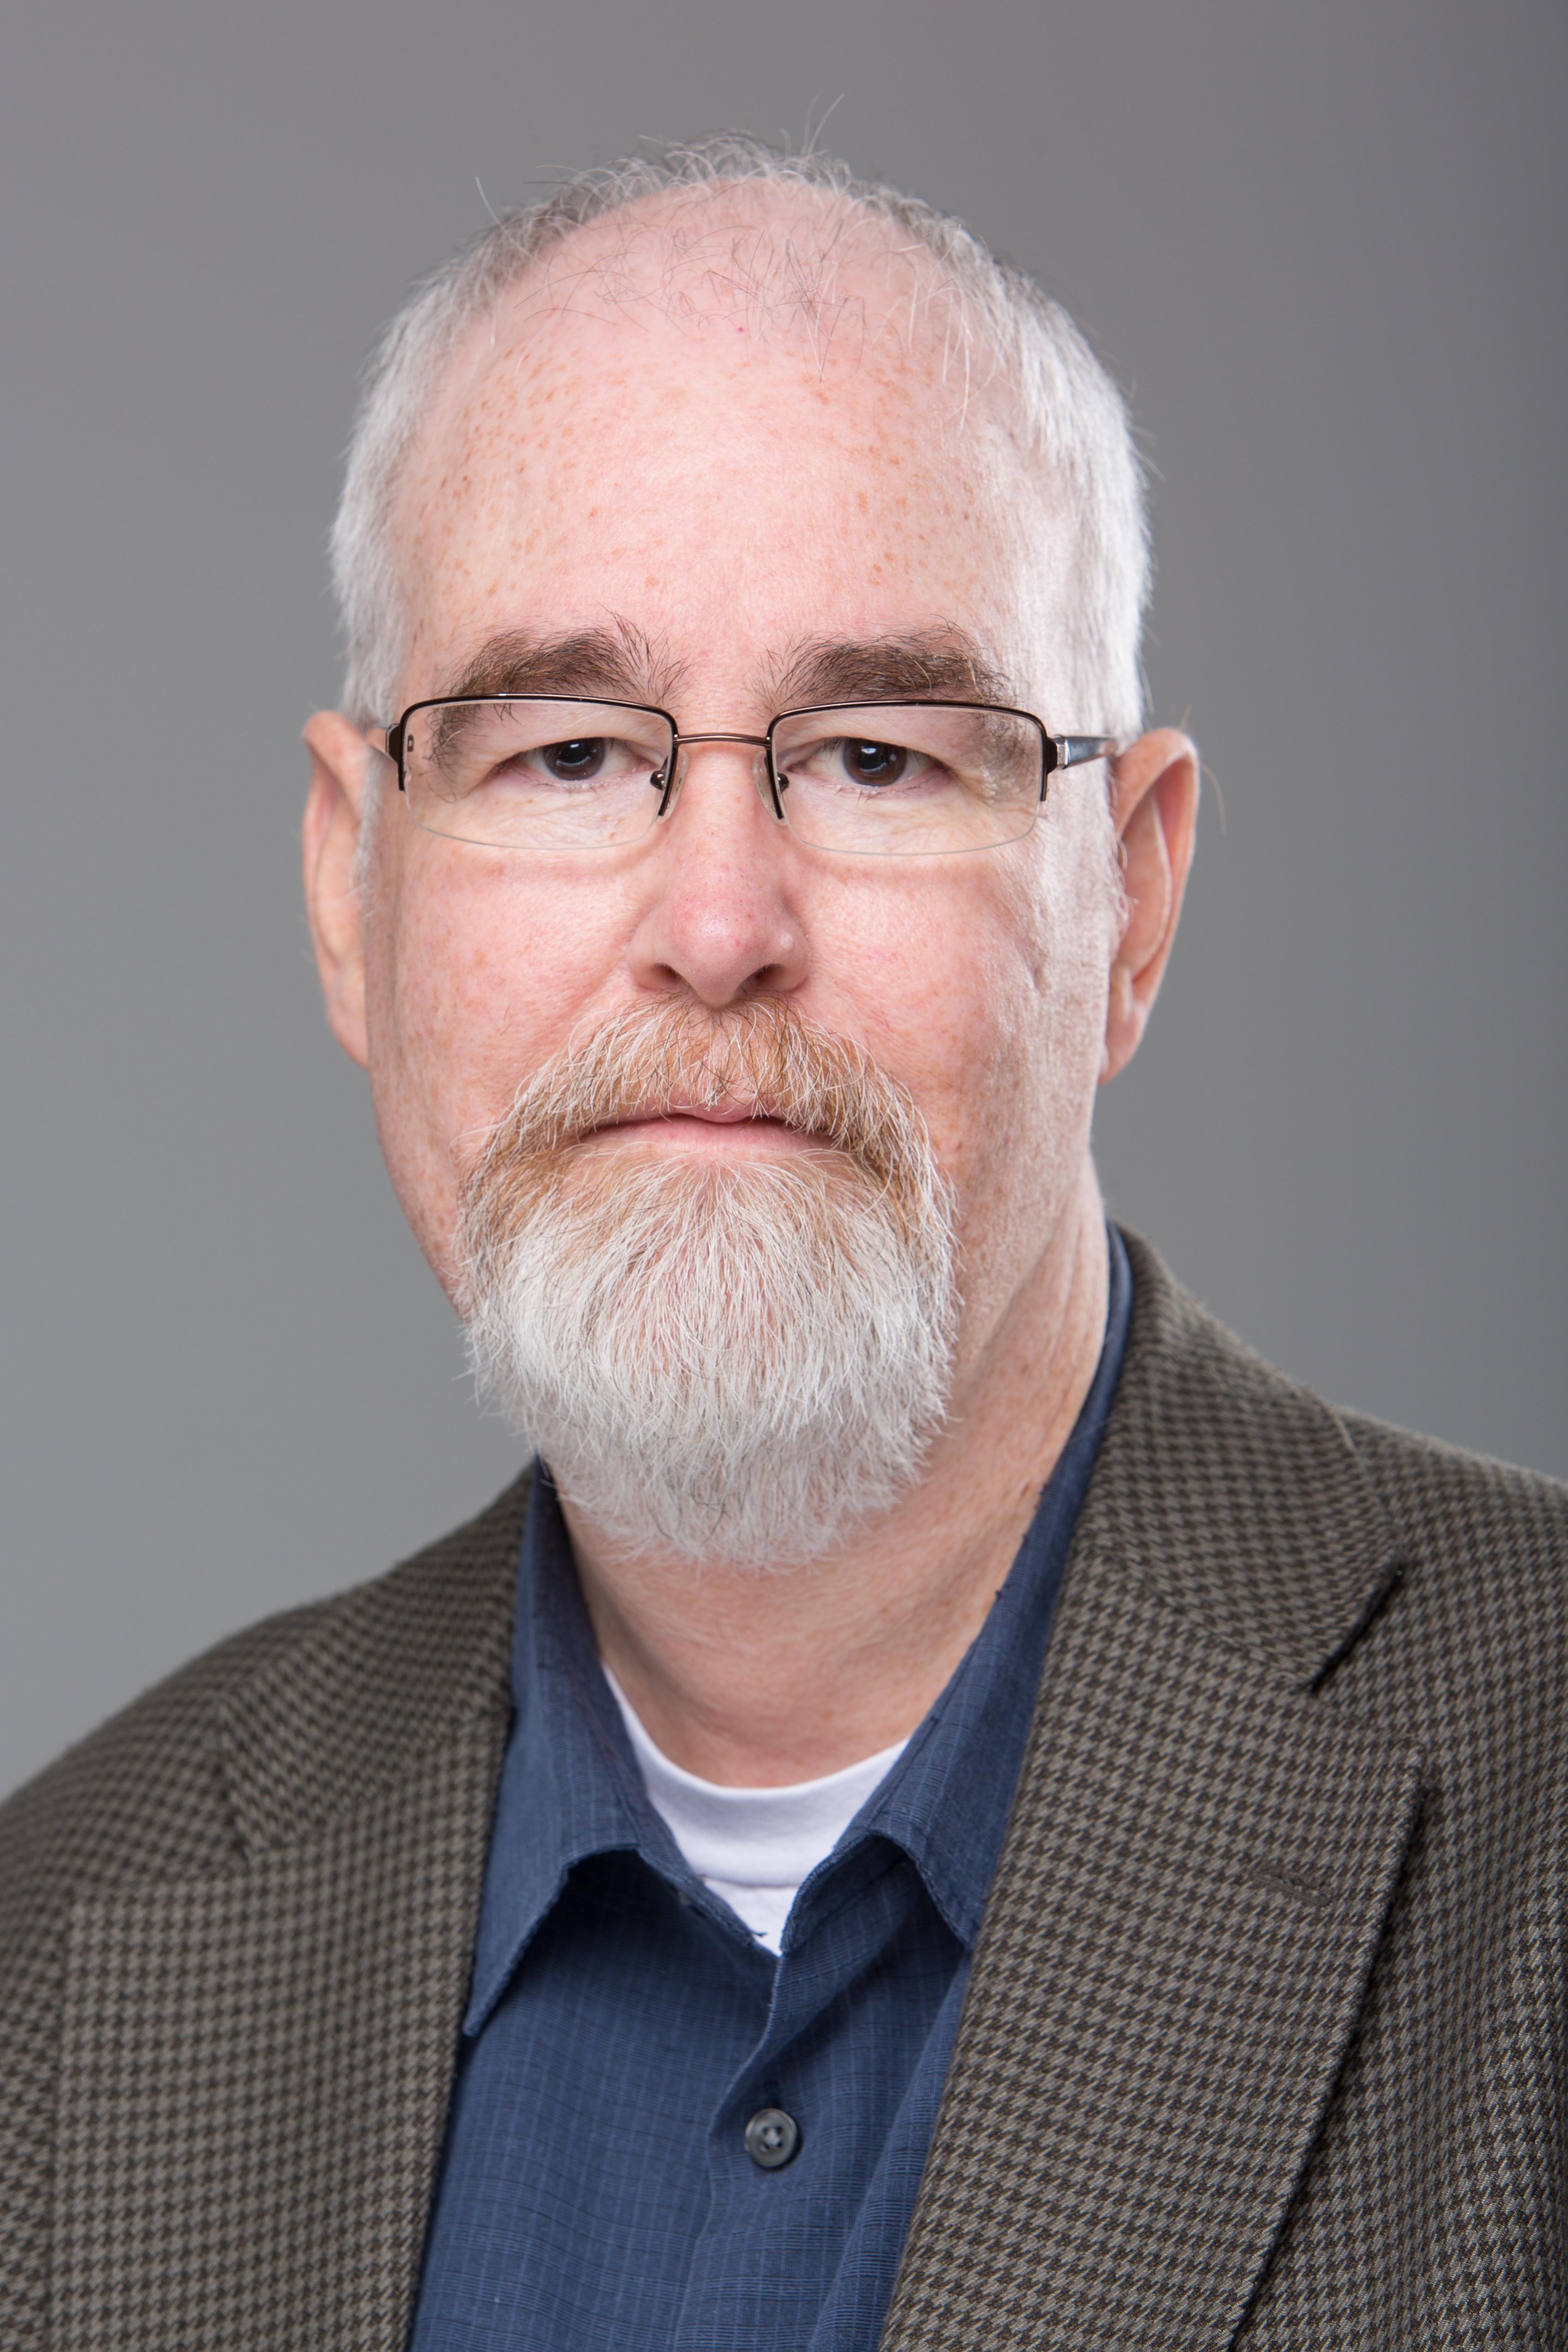 Tim Owen